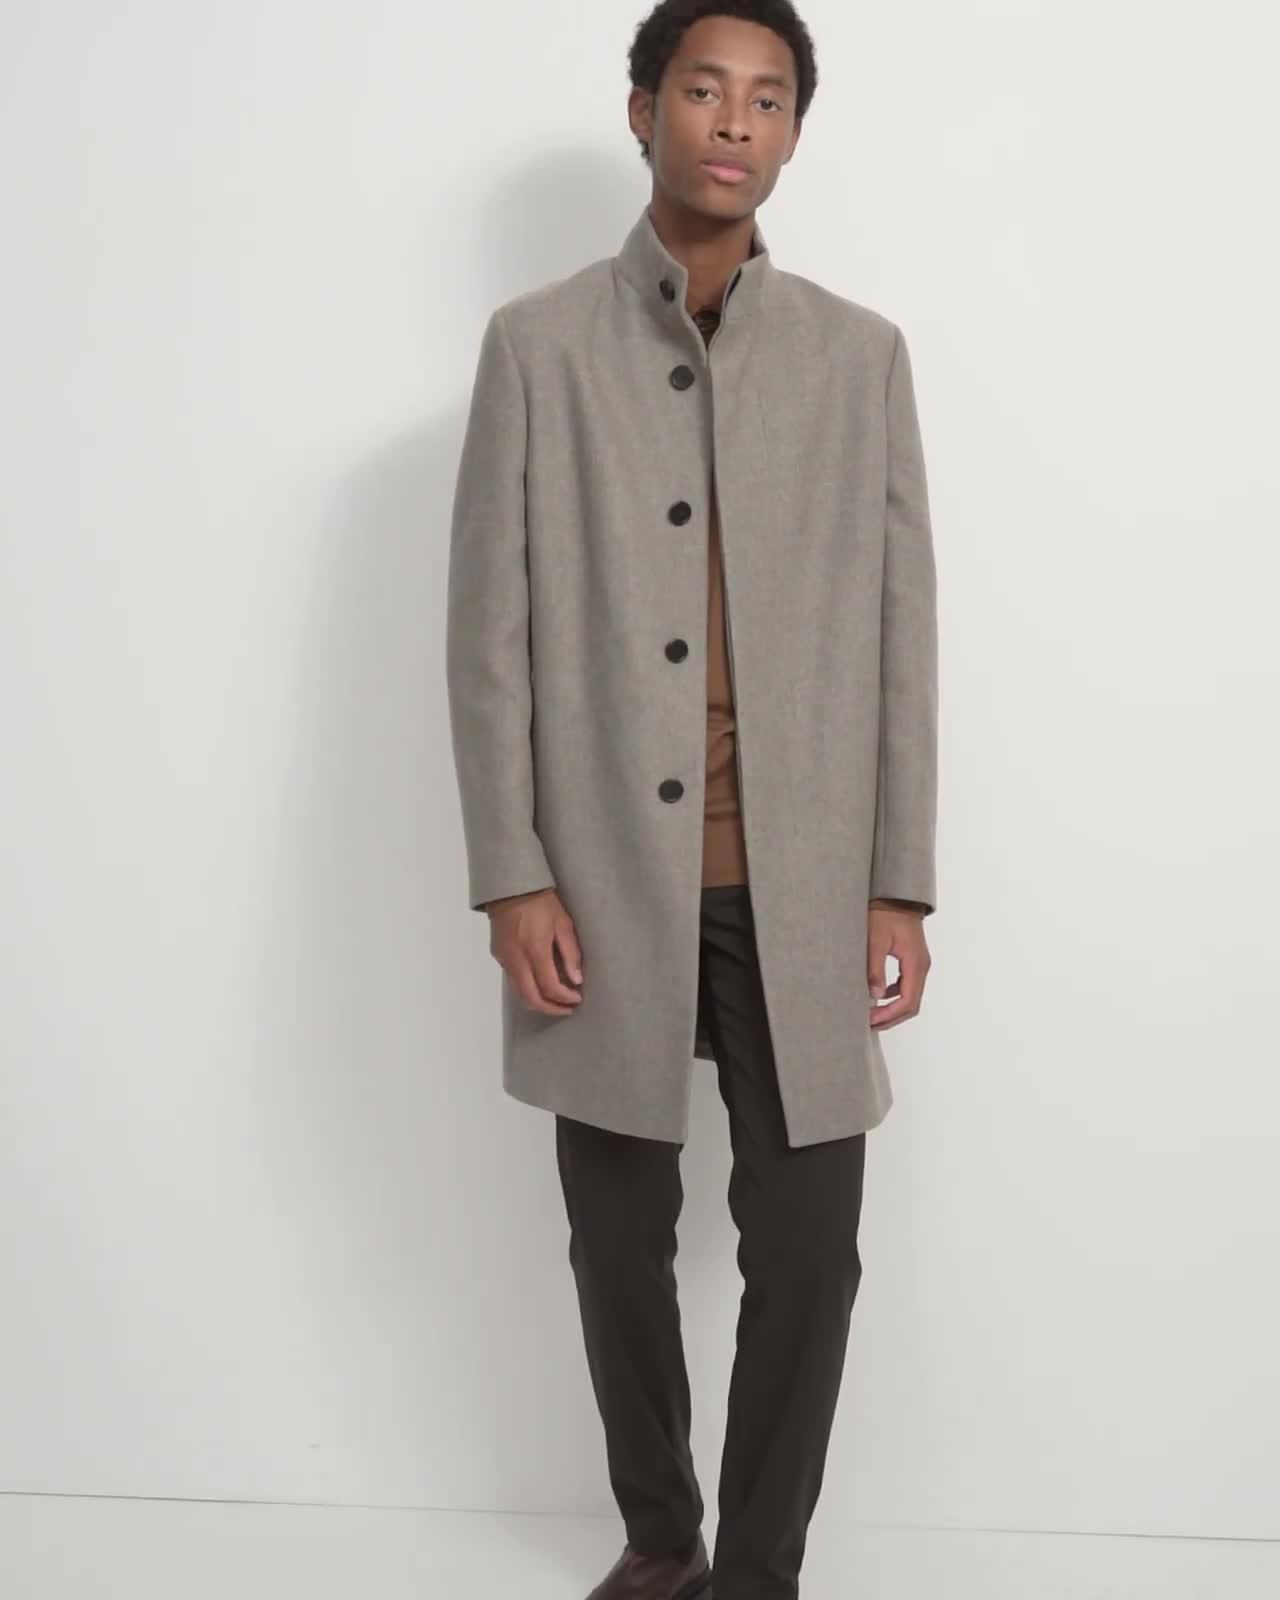 Belvin Coat in Recycled Wool Melton